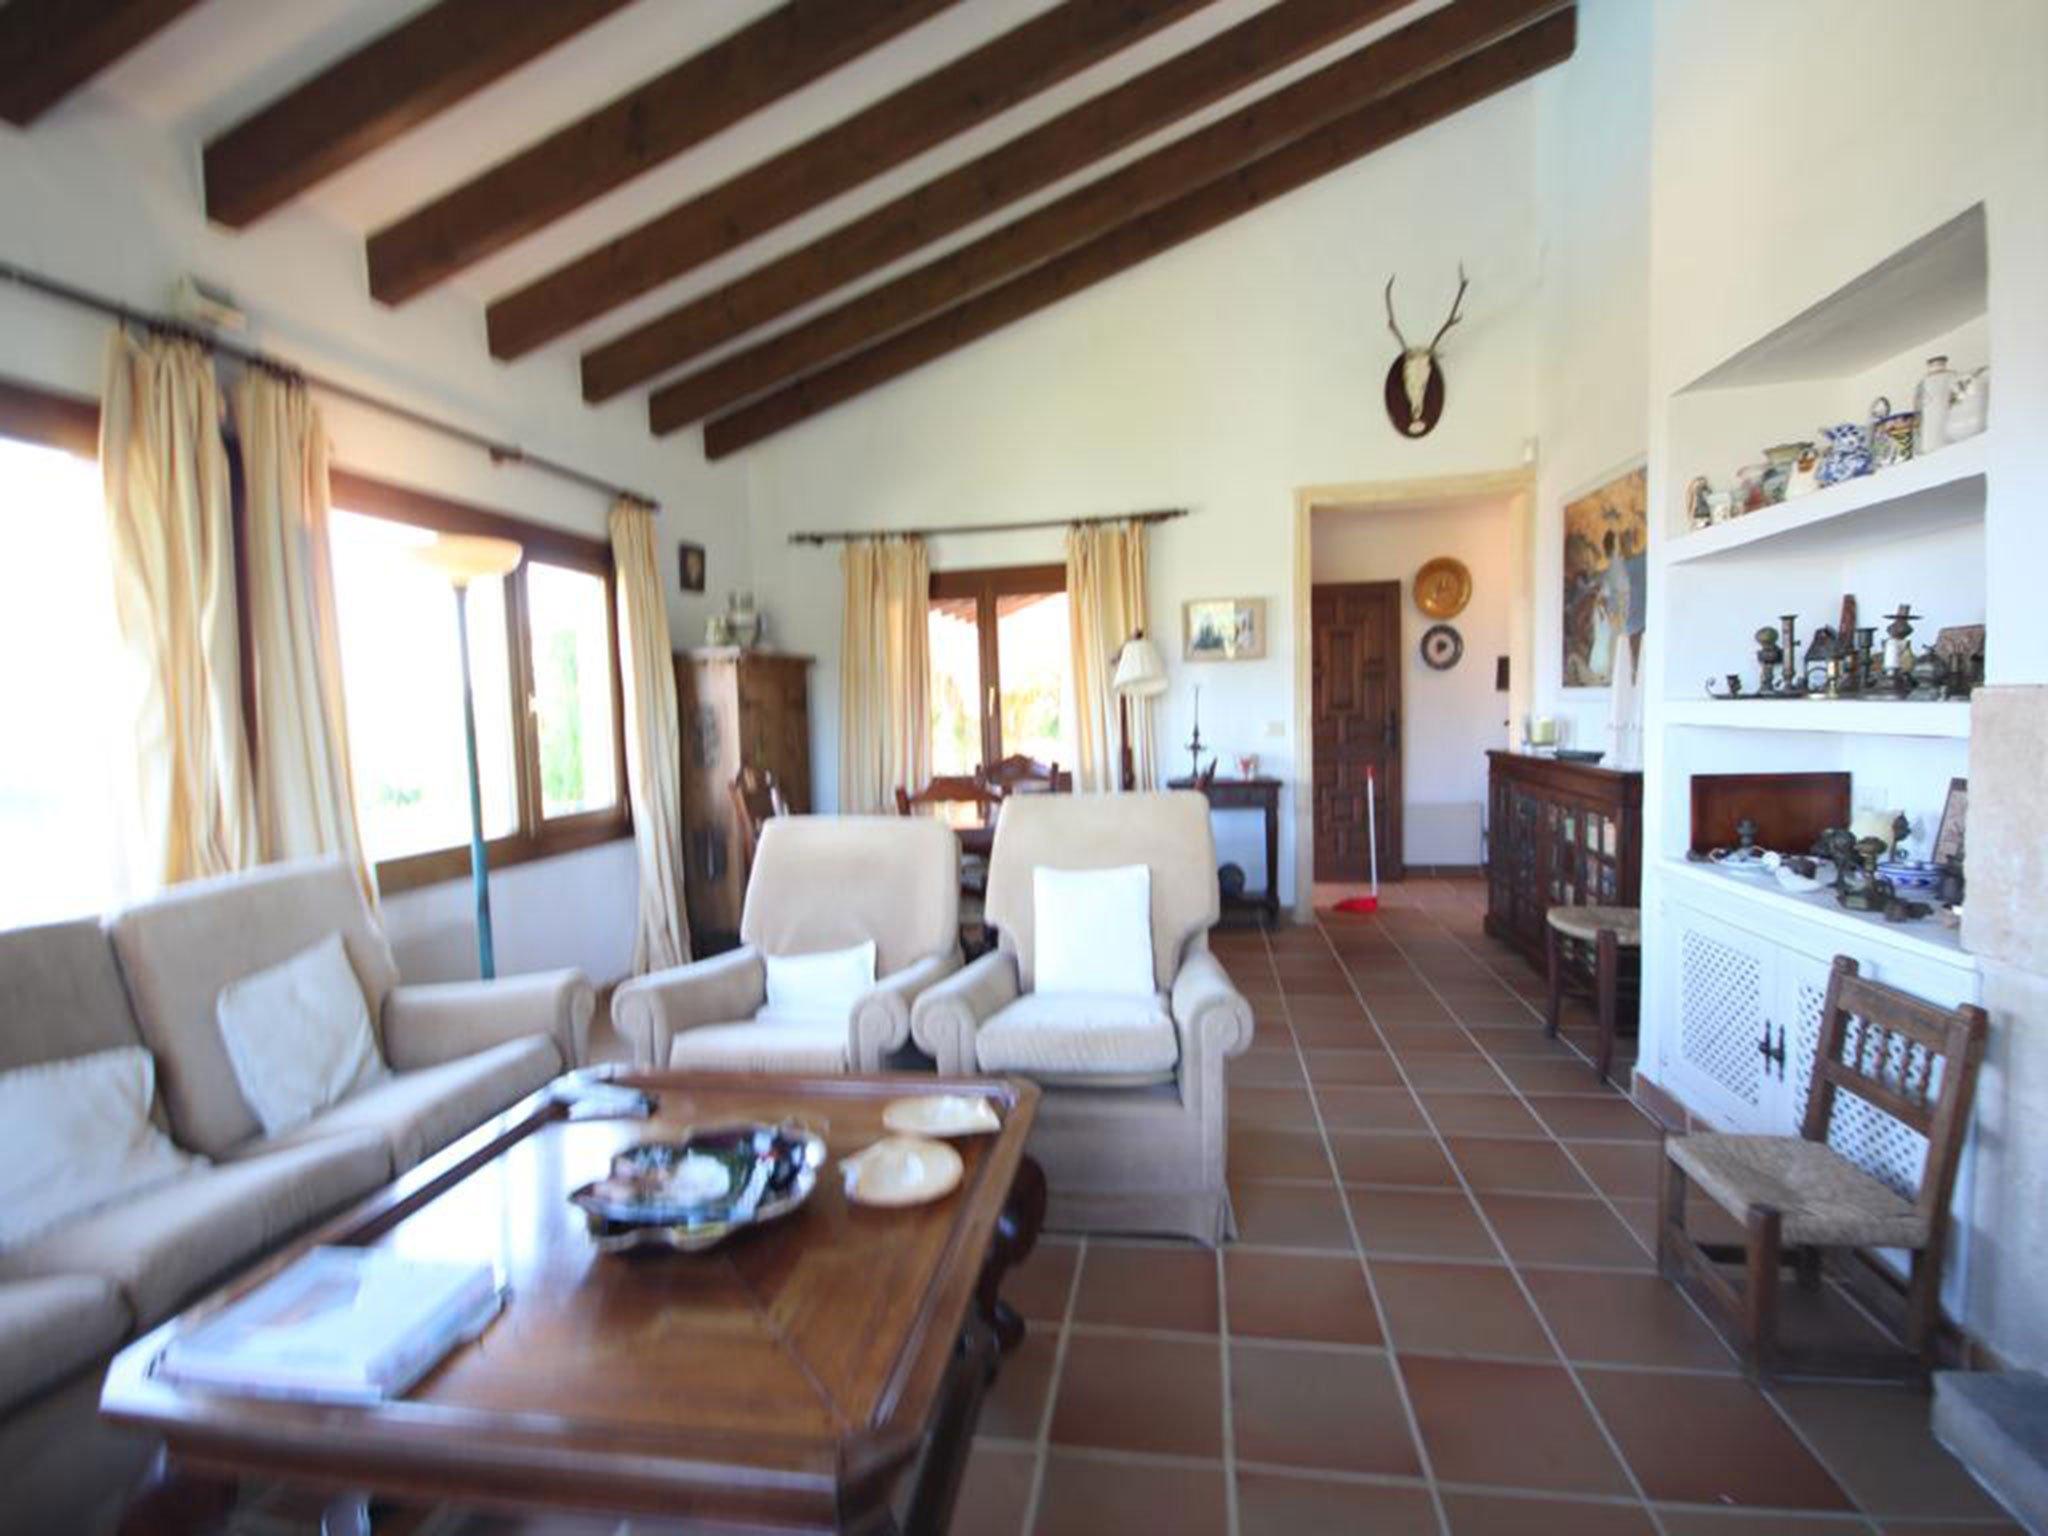 Salón de una villa mediterránea en venta en Jávea con vistas al mar – Atina Inmobiliaria